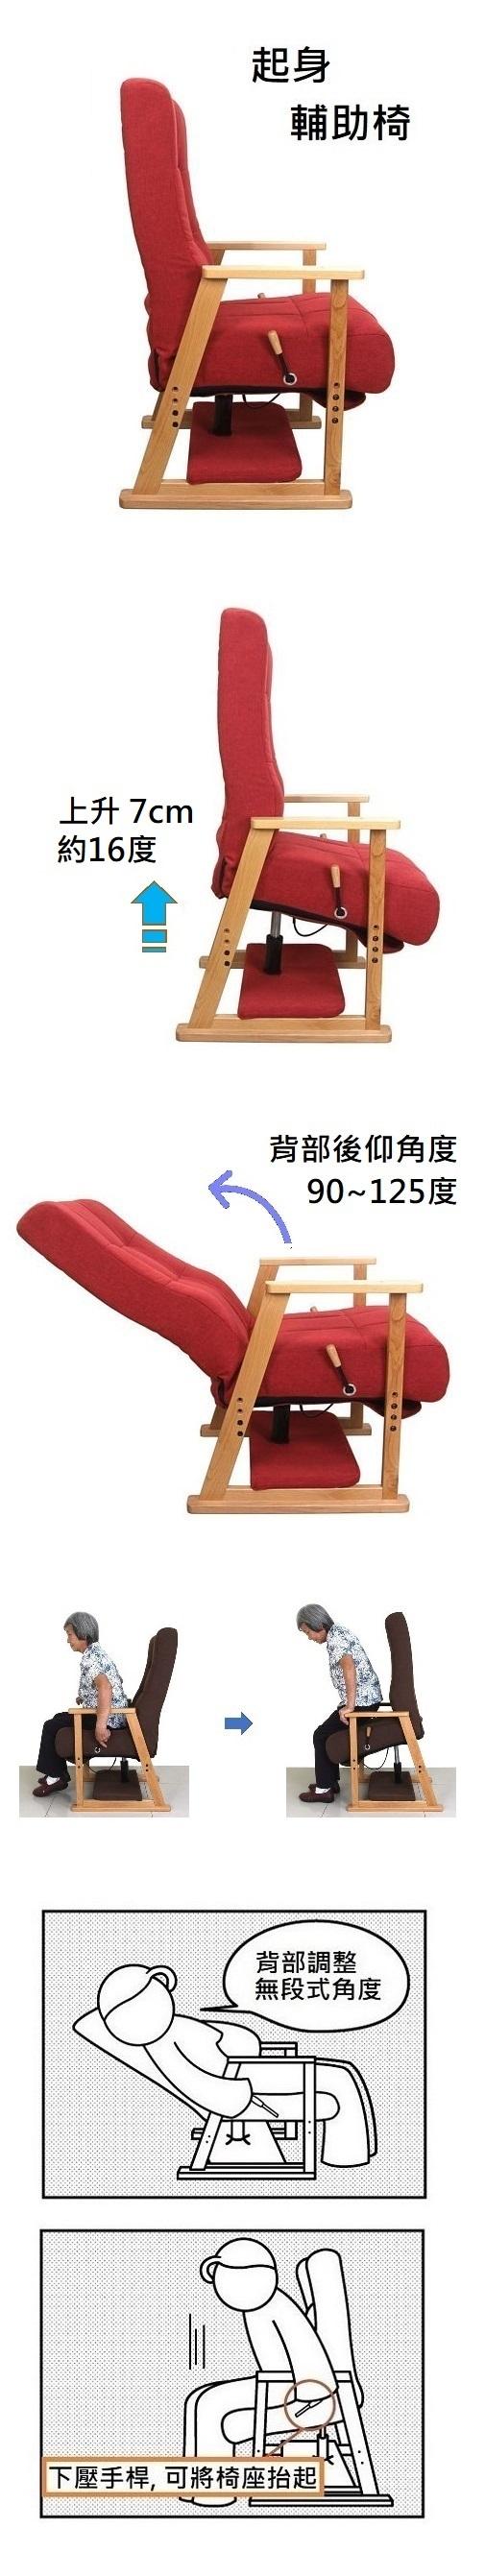 SE013A(暗红色) (起身辅助椅)